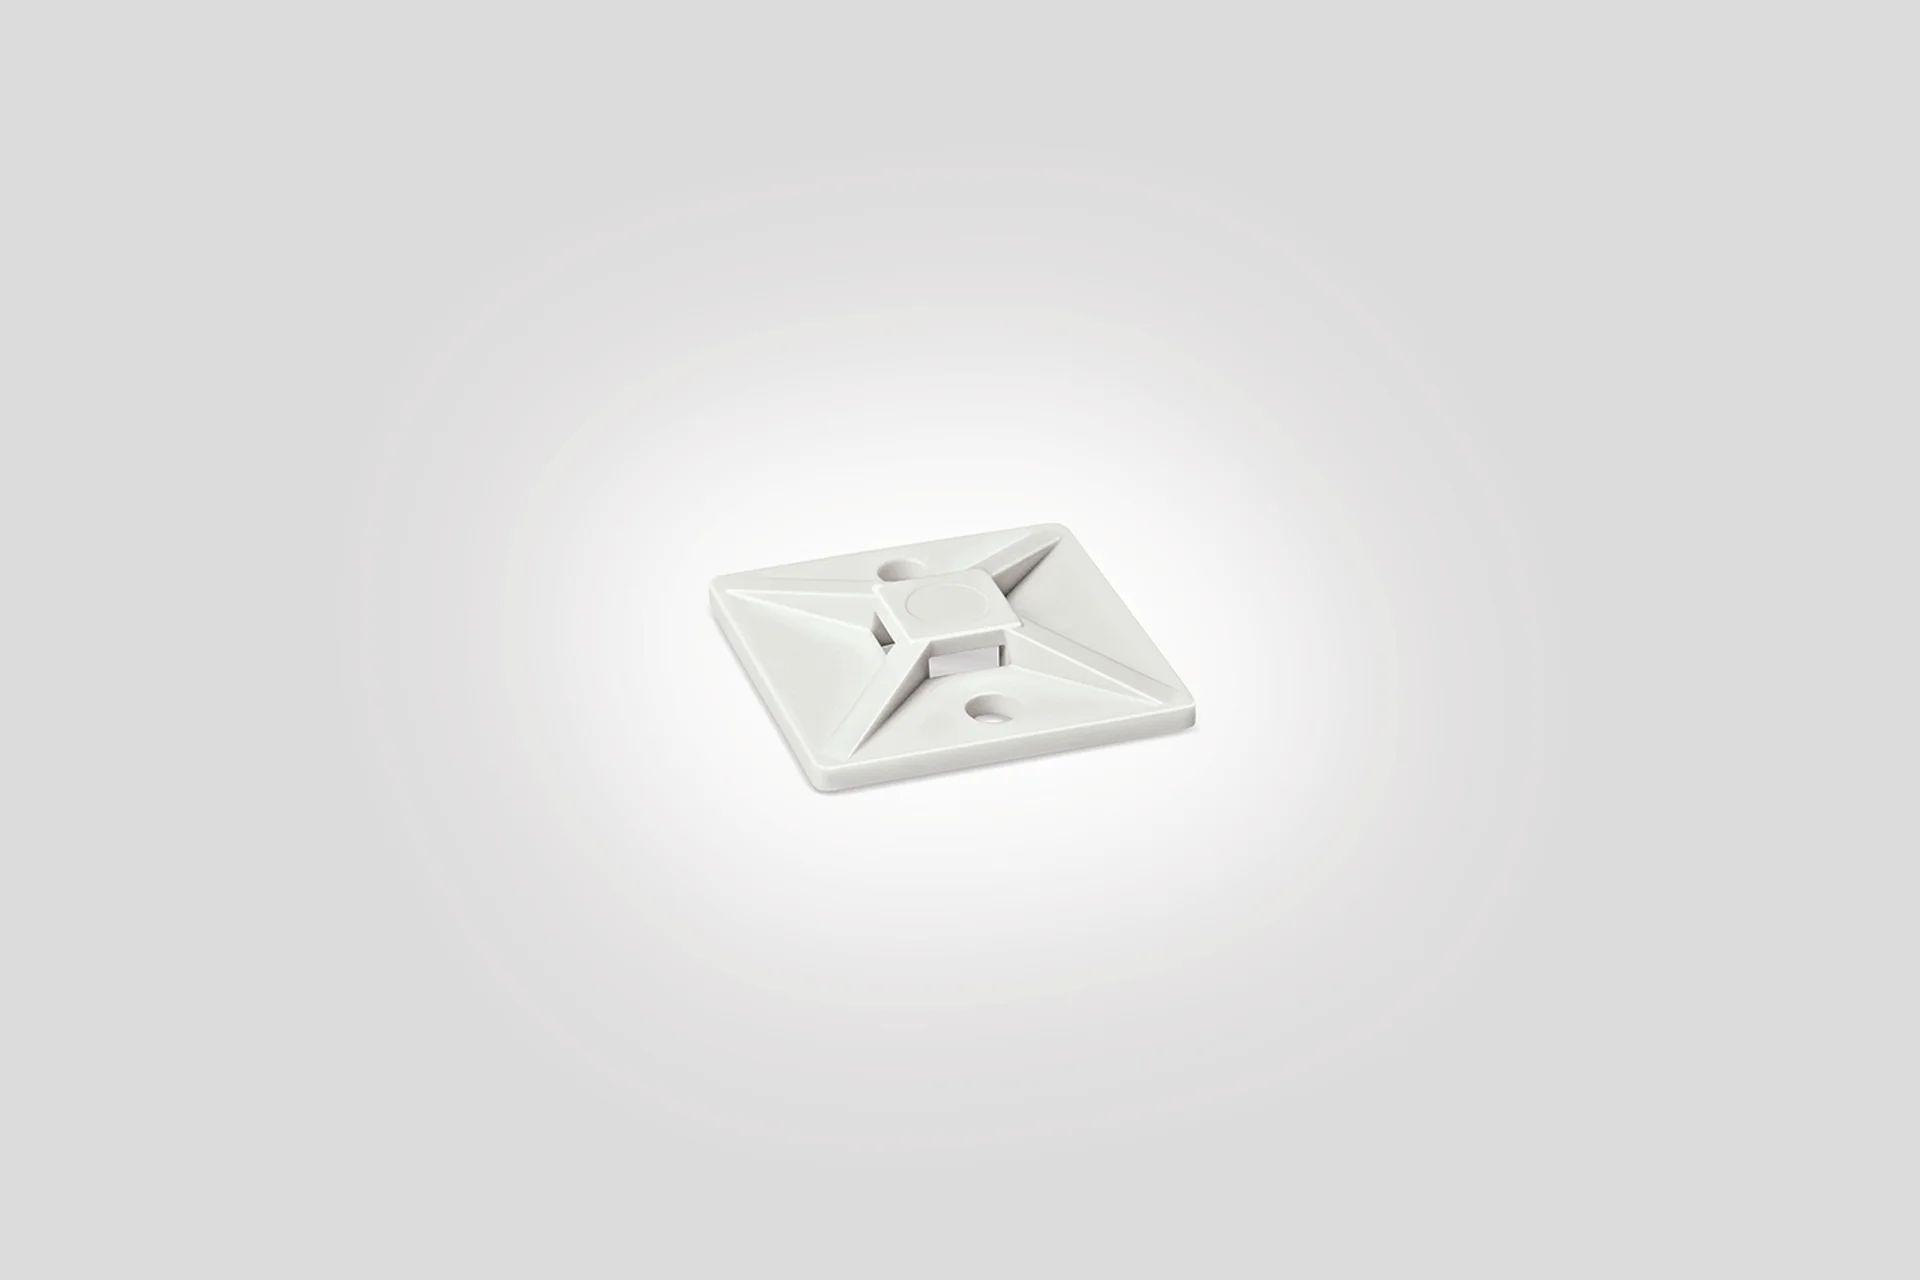 Lot De 10 Embases Adhesive Pour Collier L 28 Mm Blanc Hellermanntyton Leroy Merlin